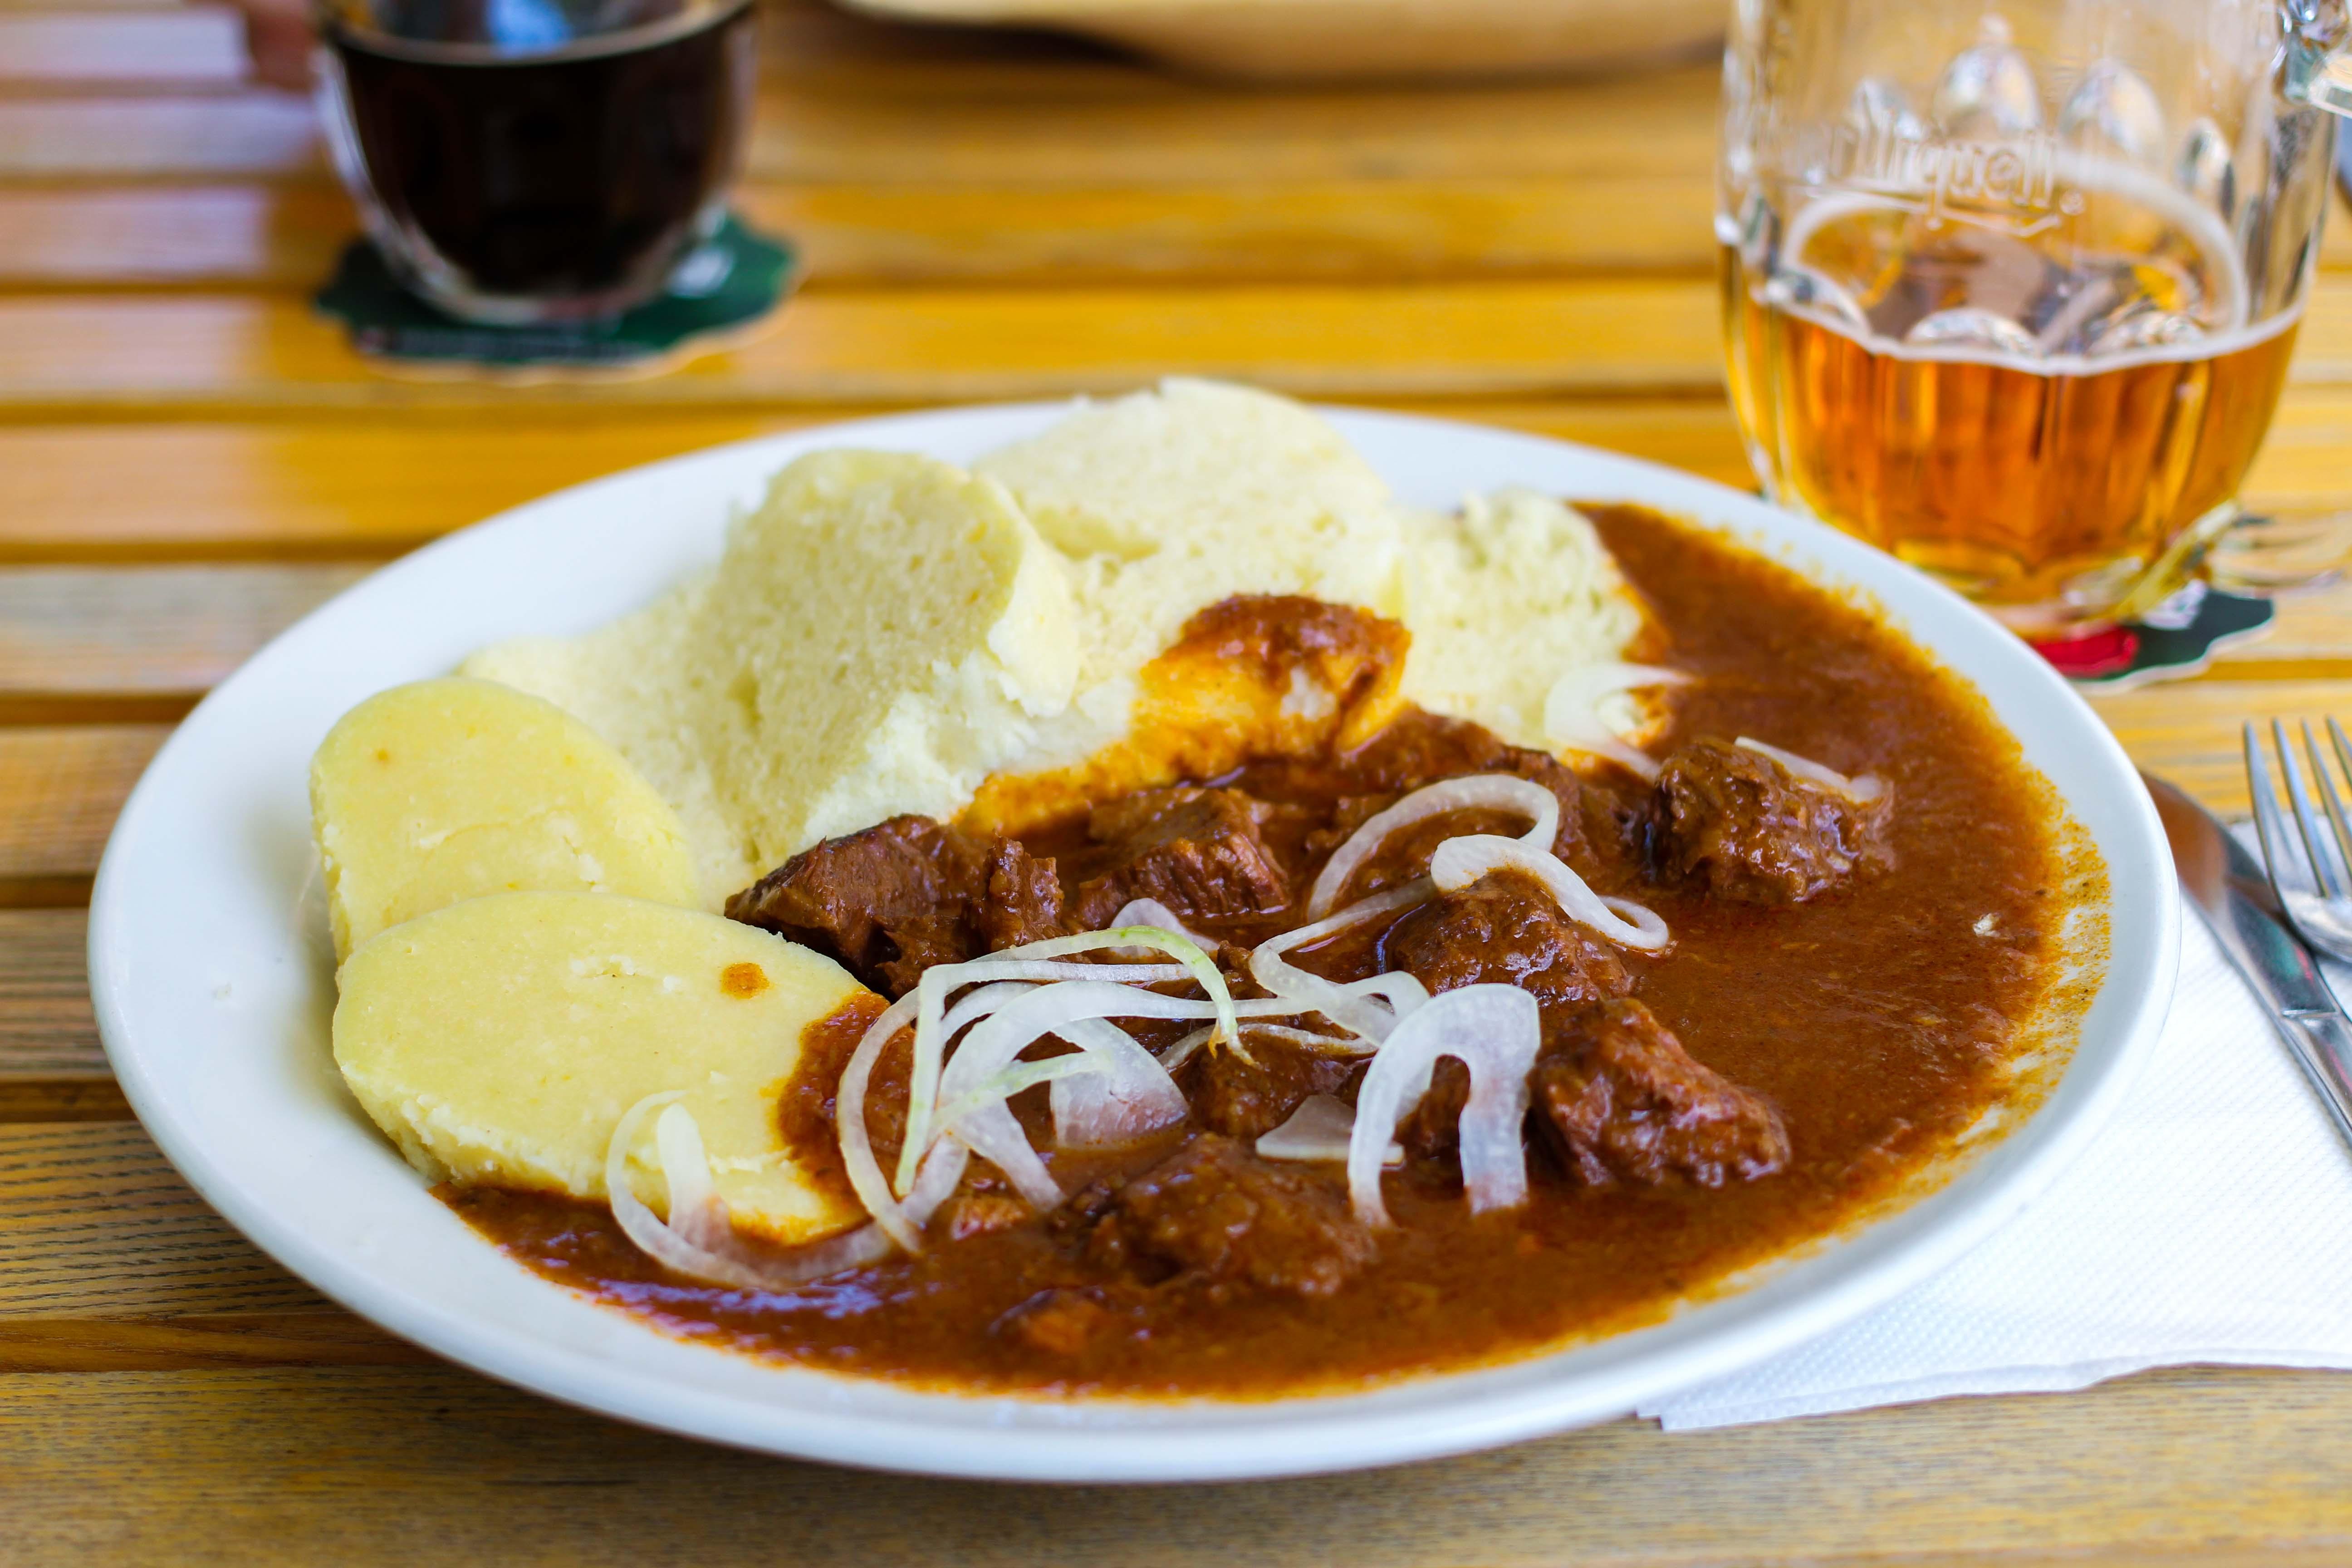 Bratislava Insider Tipps Sehenswürdigkeiten Bratislava Slowakei Gulasch Knödel typischen Essen Donaukreuzfahrt Arosa